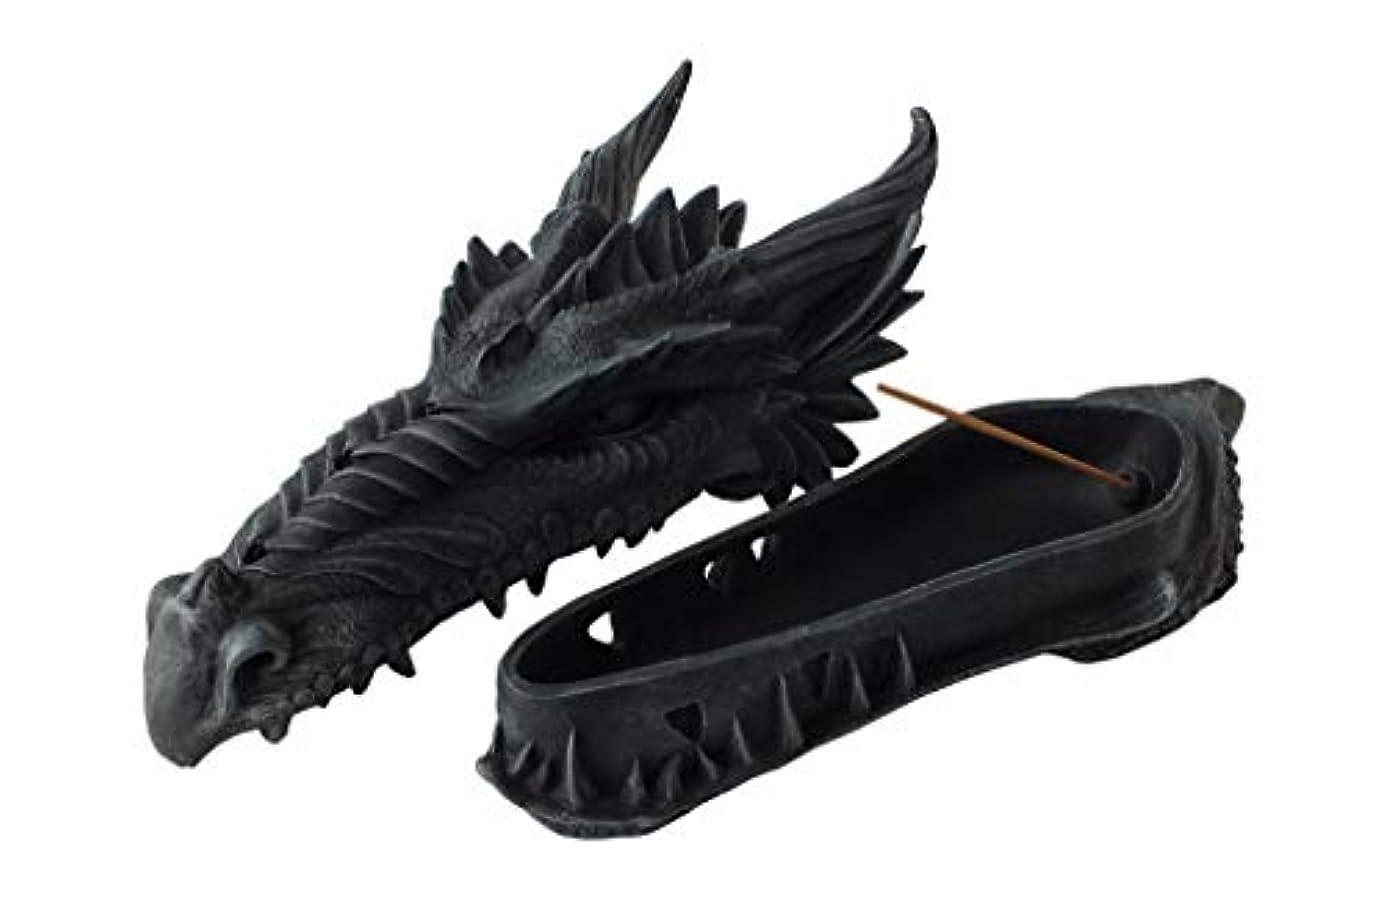 安価な利得規定ゴシックドラゴンヘッド インセンスバーナー フィギュア Gothic Dragon Head Incense Burner Figurine